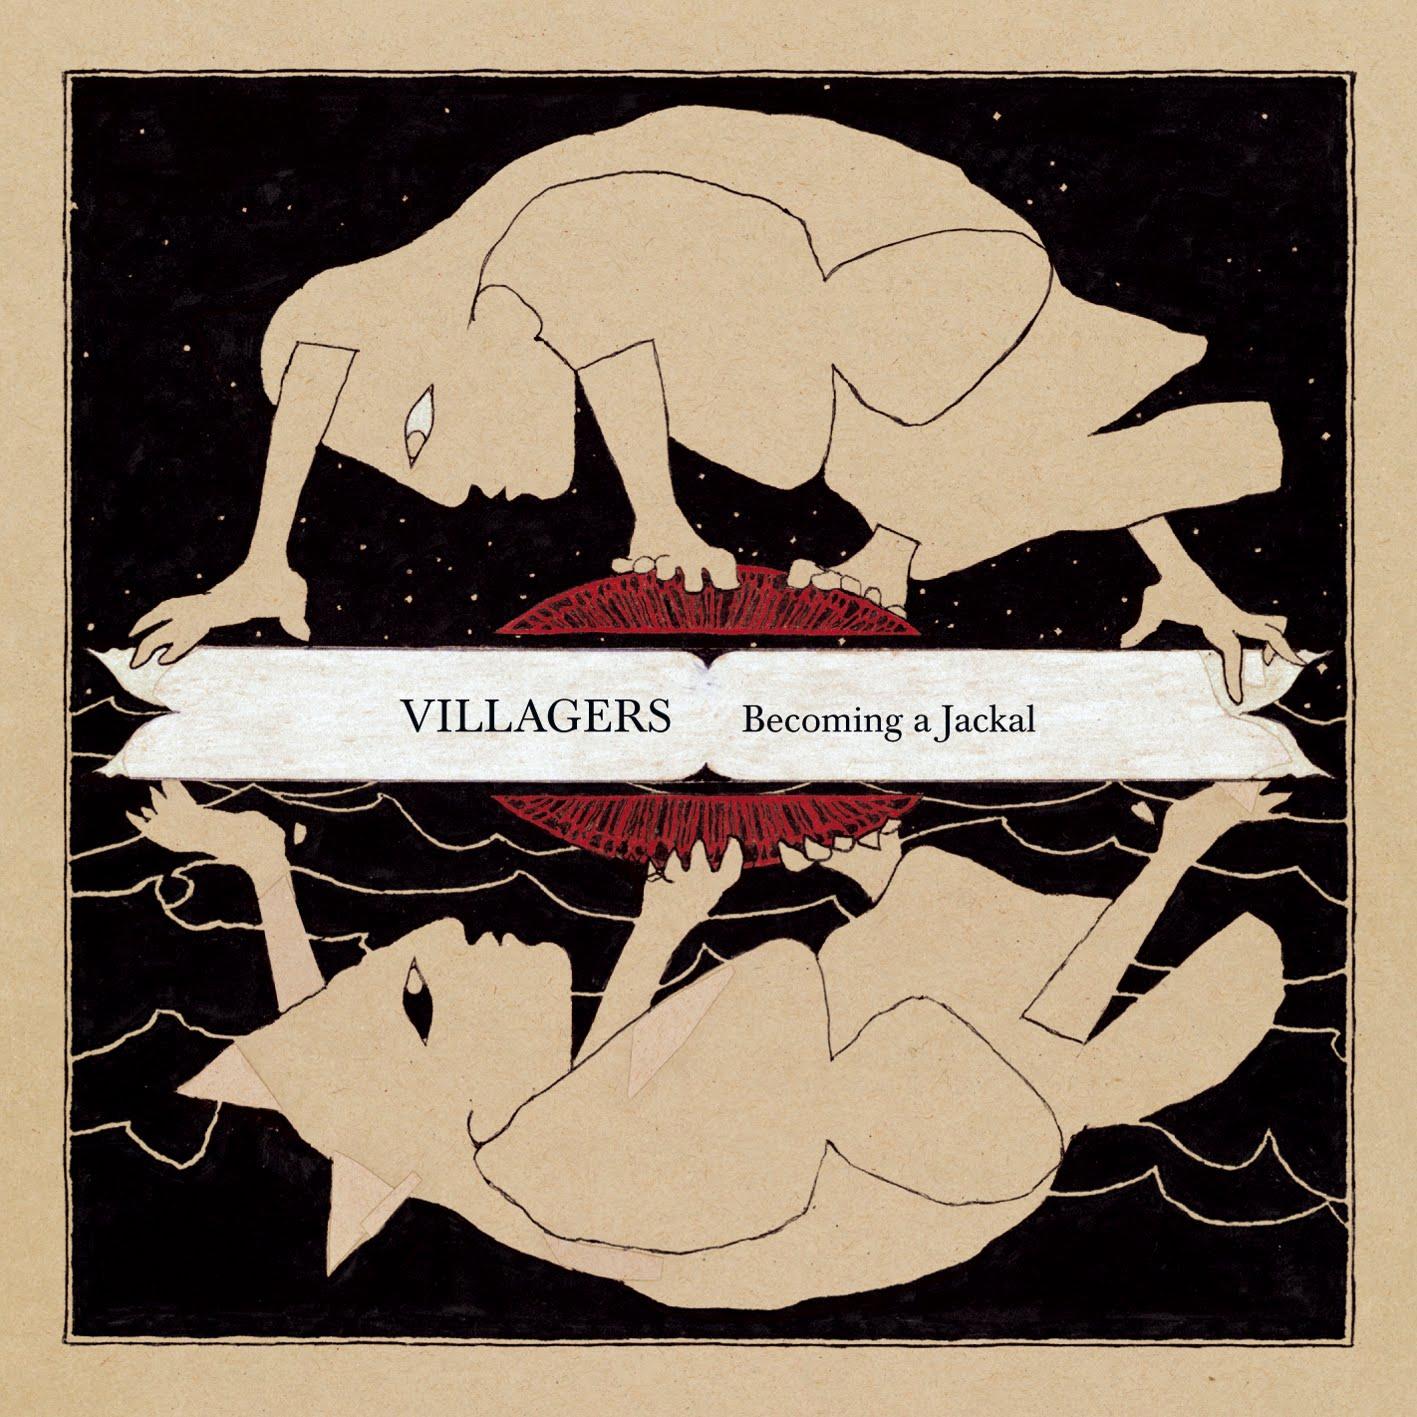 villagers_jackal_album